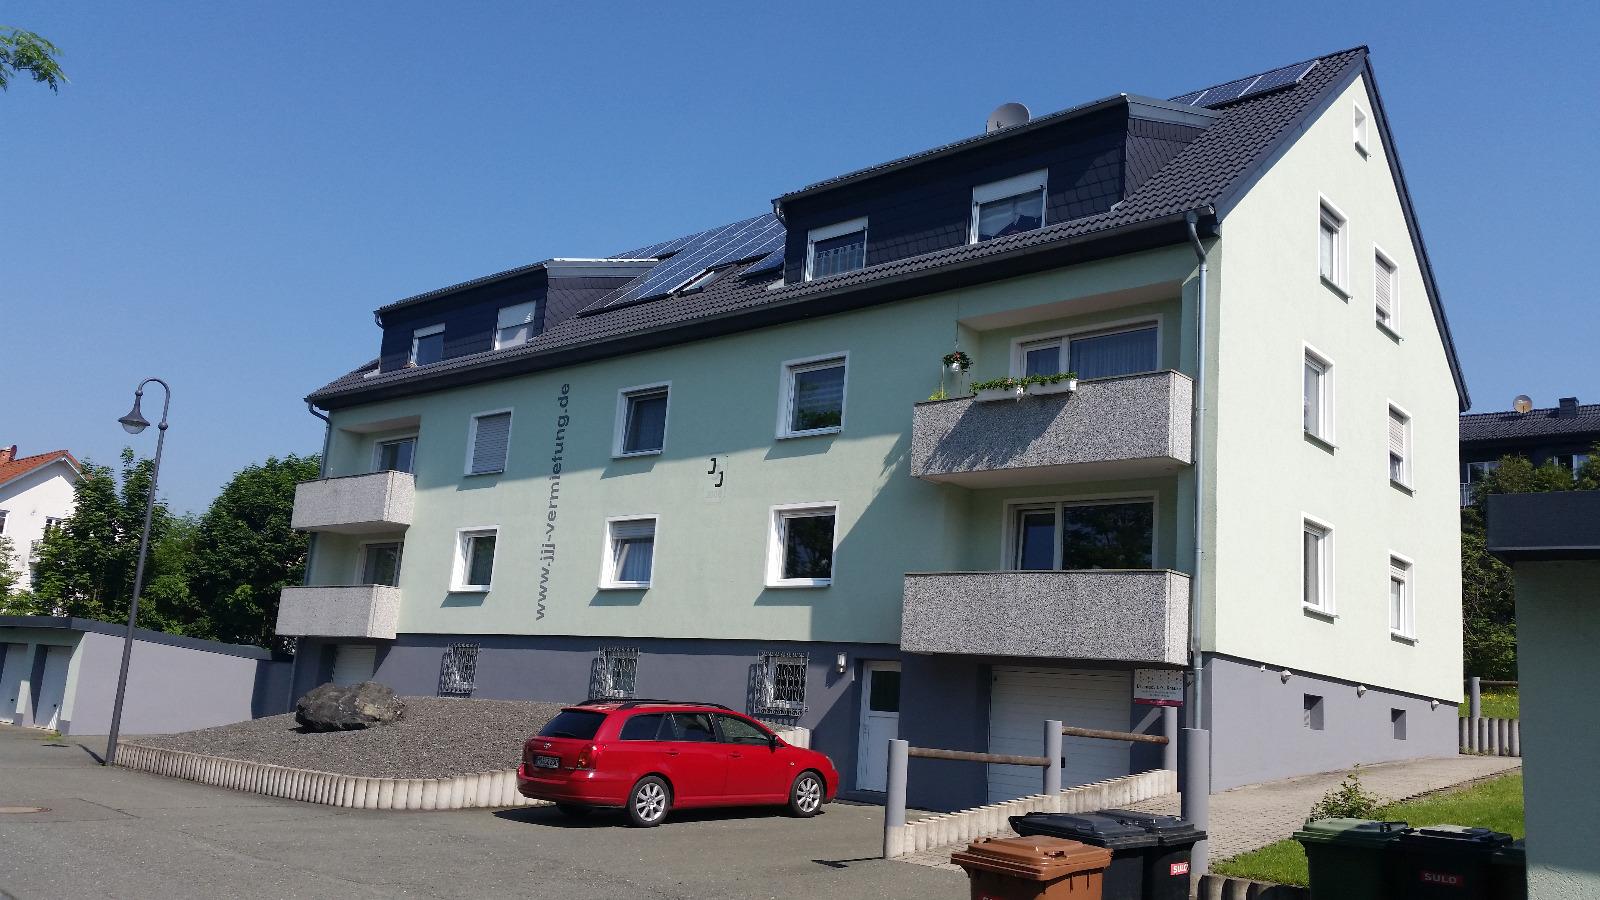 Mehrfamilienhaus Tauperlitz An der Ascher Straße 1